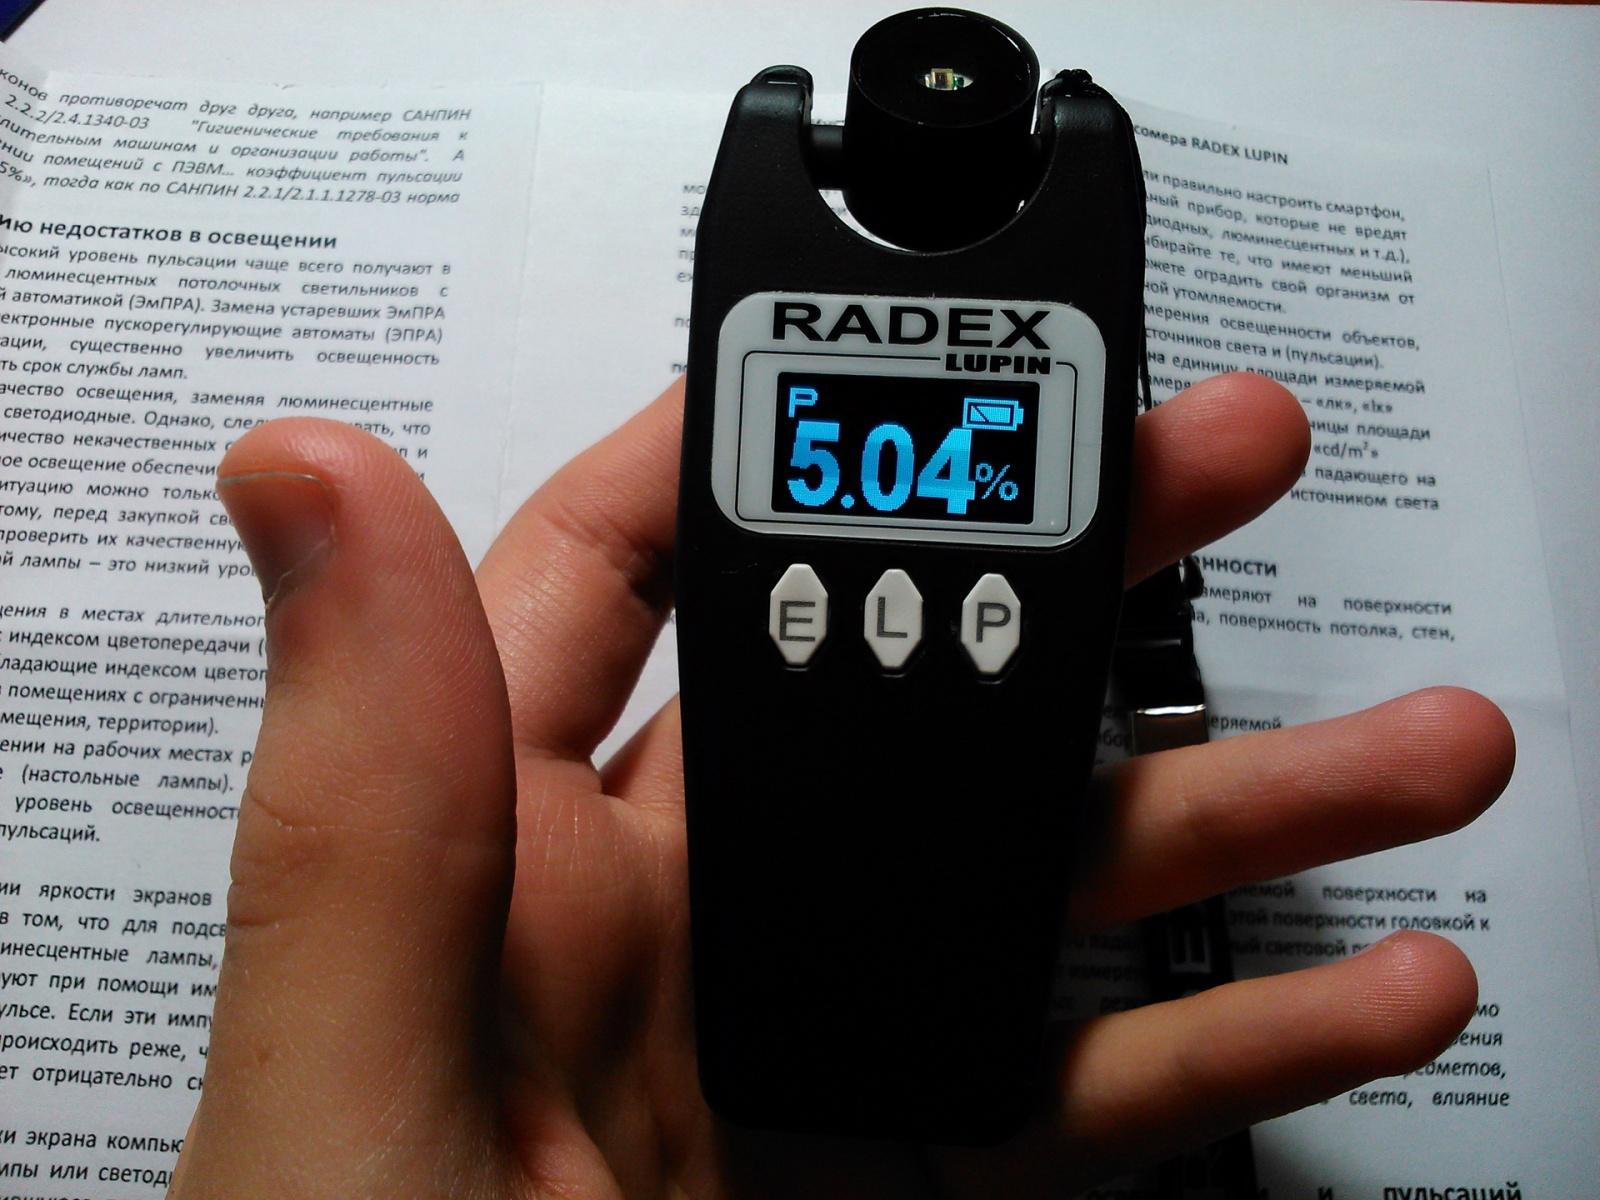 Radex Lupin: Когда свет можно посчитать - 13